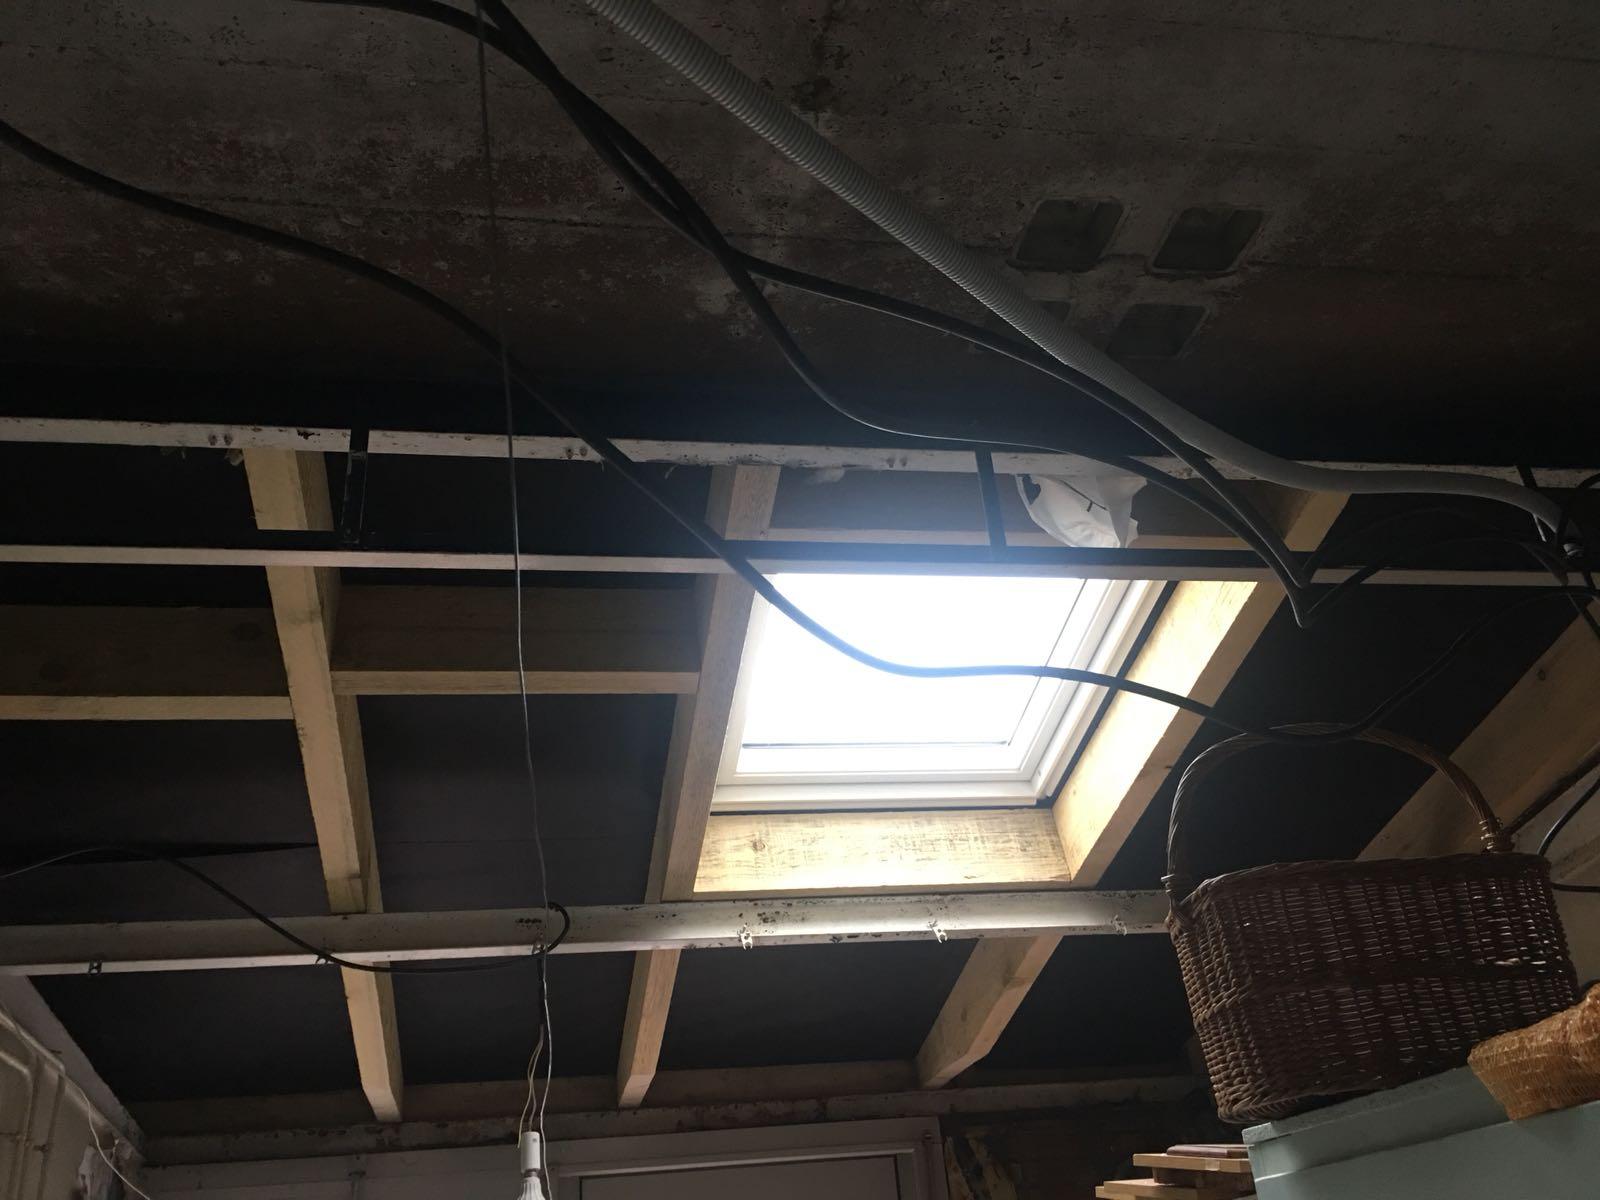 Interieur Plafond Avec Sans Lumineux (4)